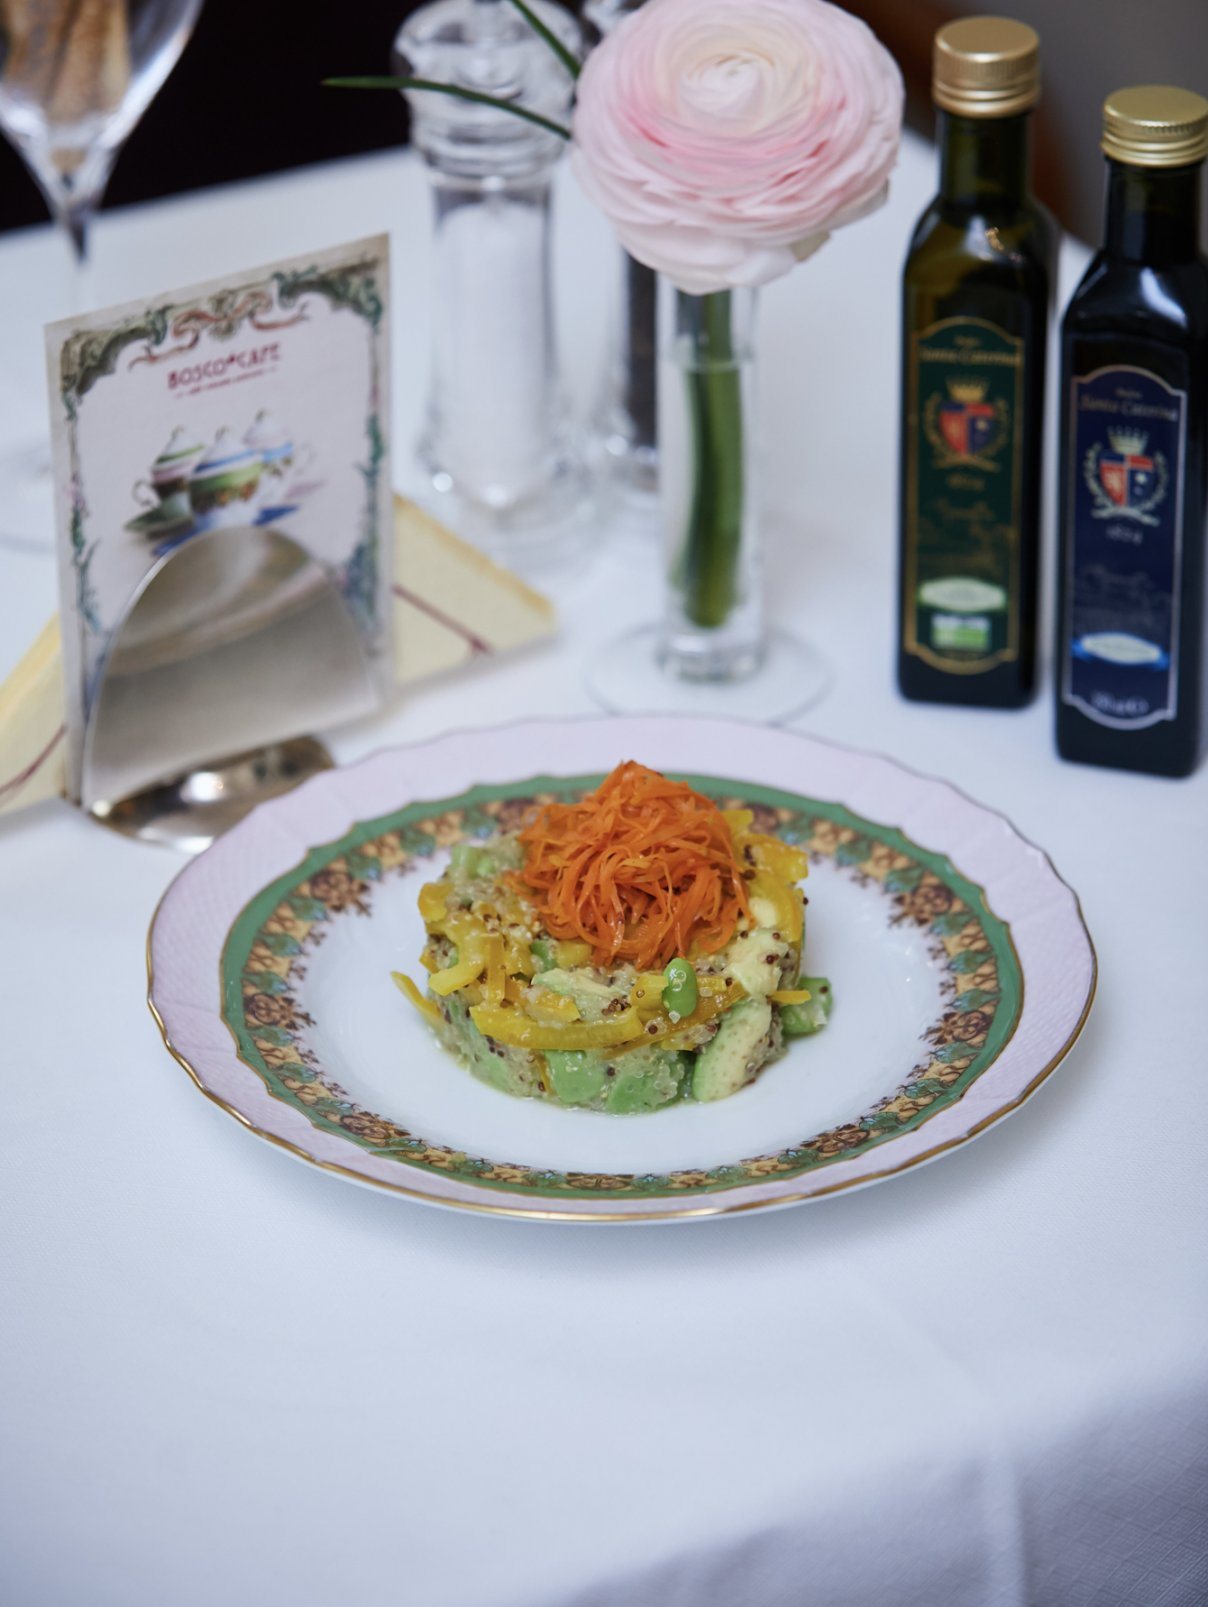 Салат с авокадо, киноа, болгарским перцем и цитрусовой заправкой BoscoCafe  –  Общий вид